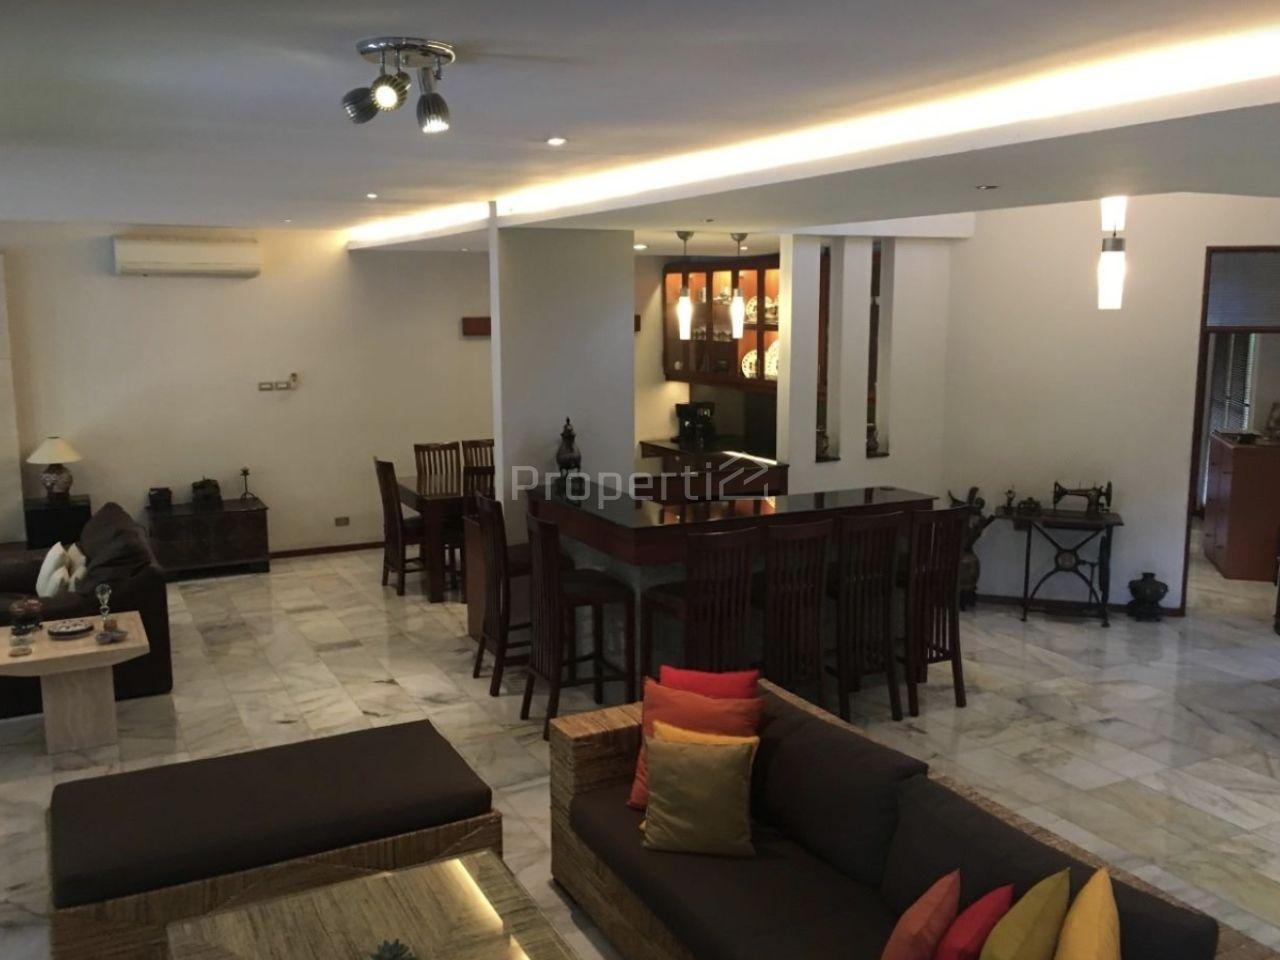 Luxury House in Complex in Cipete, DKI Jakarta